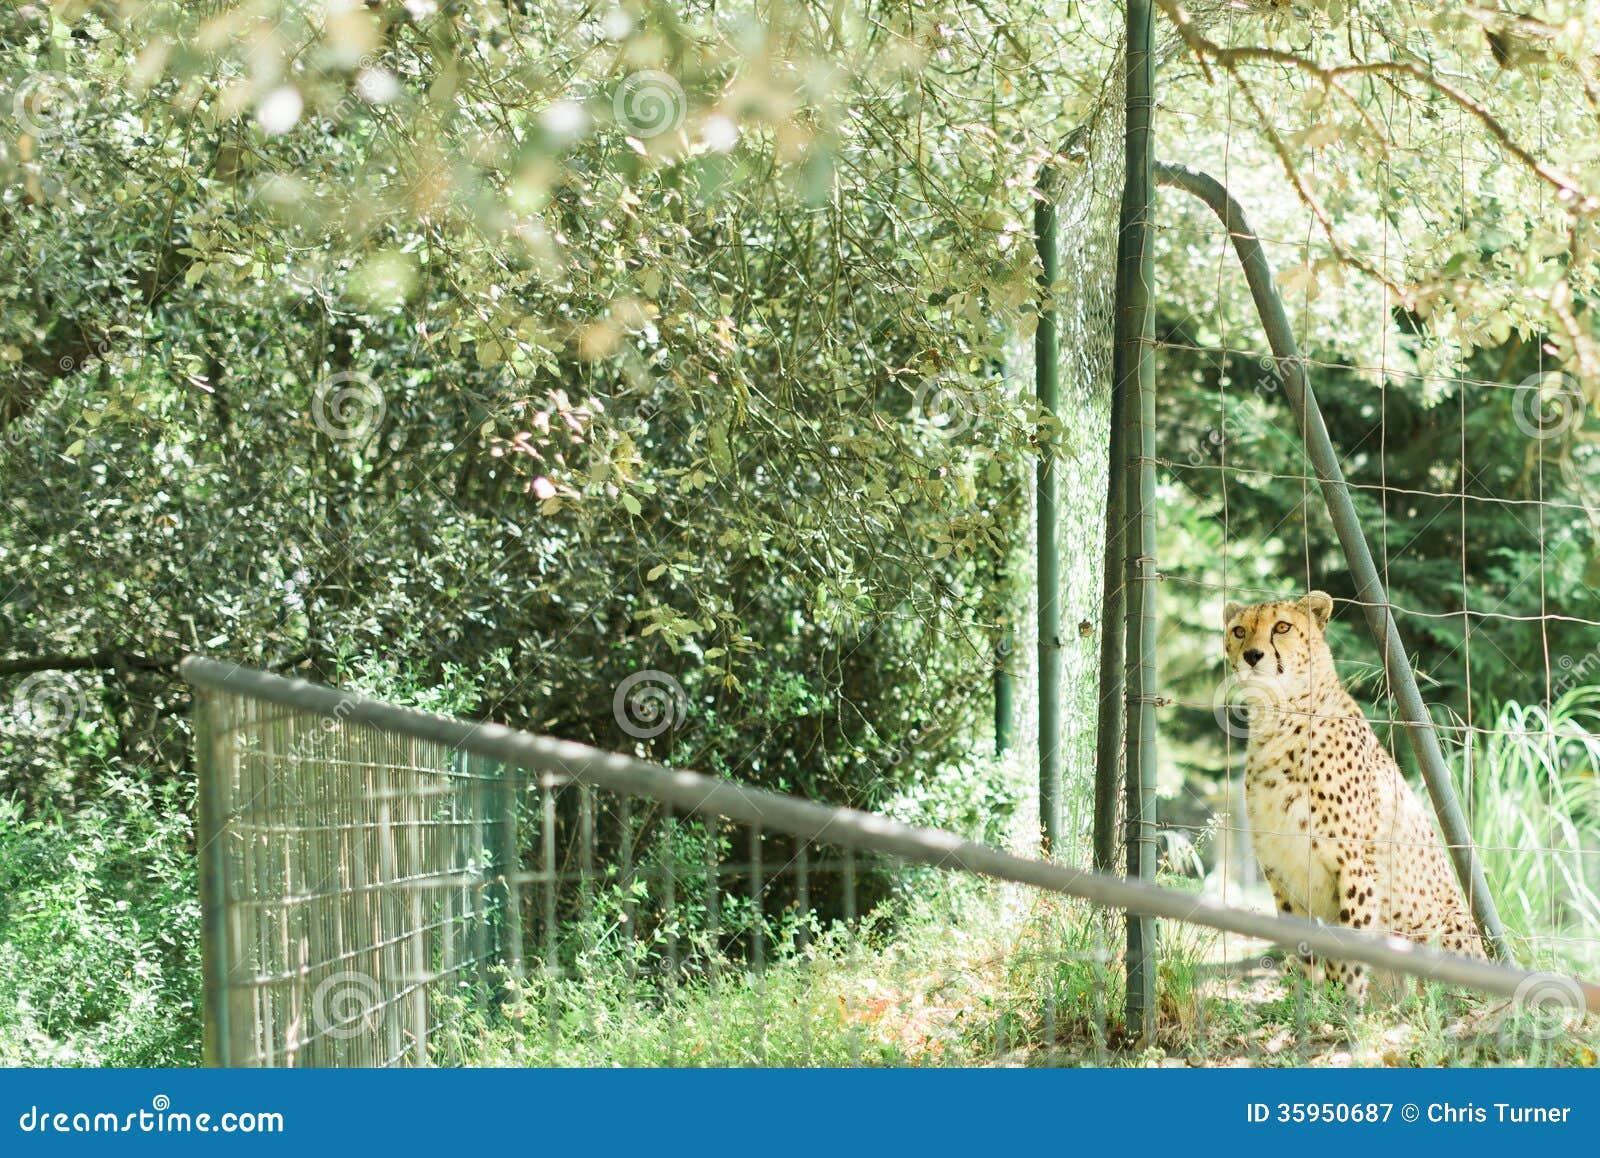 Guepardo enjaulado en un parque zoológico